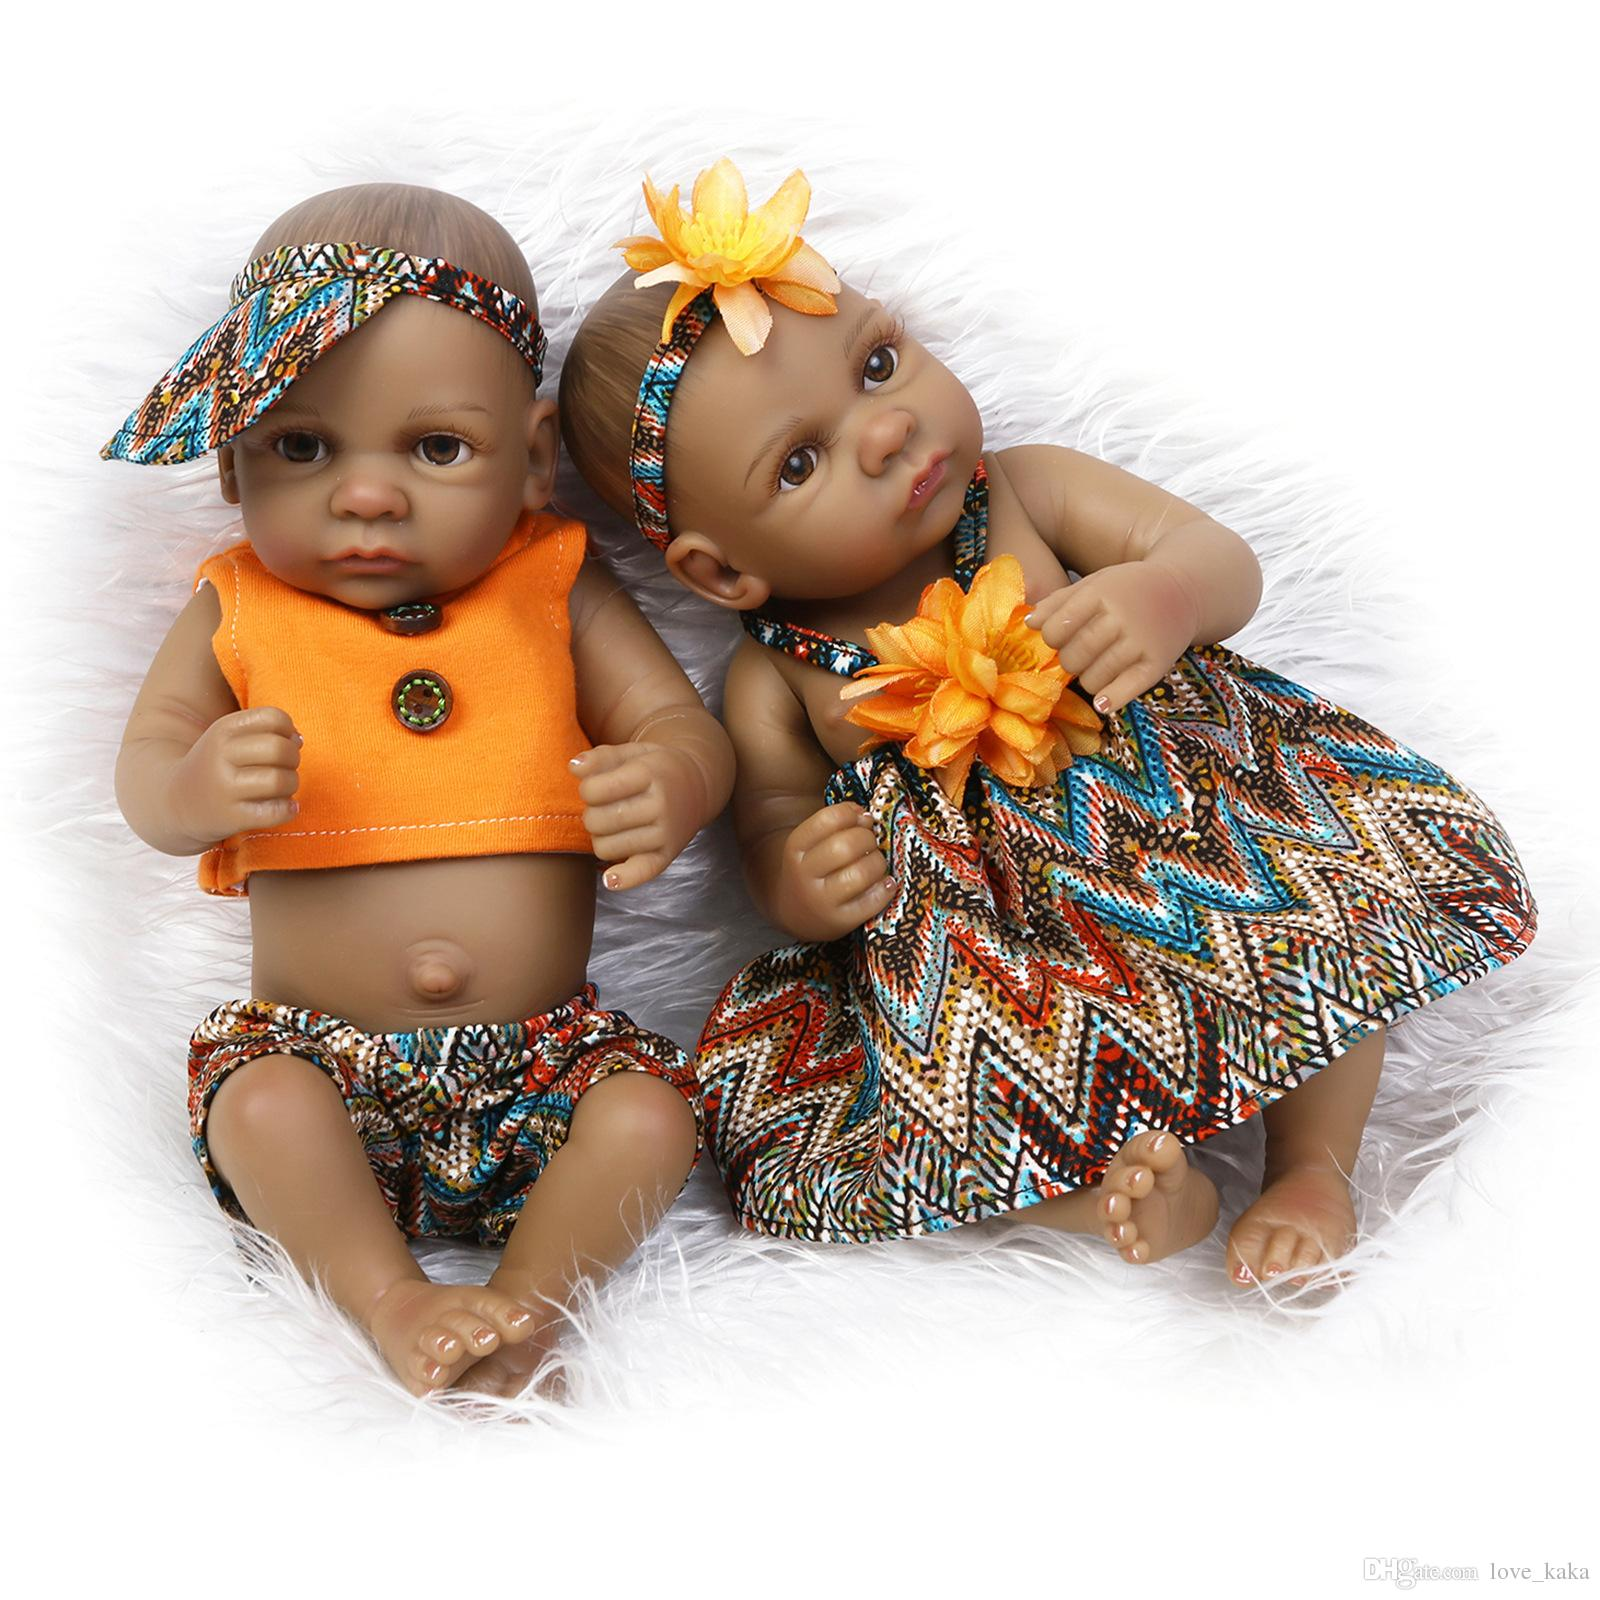 10.5 인치 아프리카 계 미국인 아기 인형 블랙 소녀 인형 전체 실리콘 바디 Bebe 다시 태어난 아기 인형 아이들 선물 장난감 재생 하우스 장난감